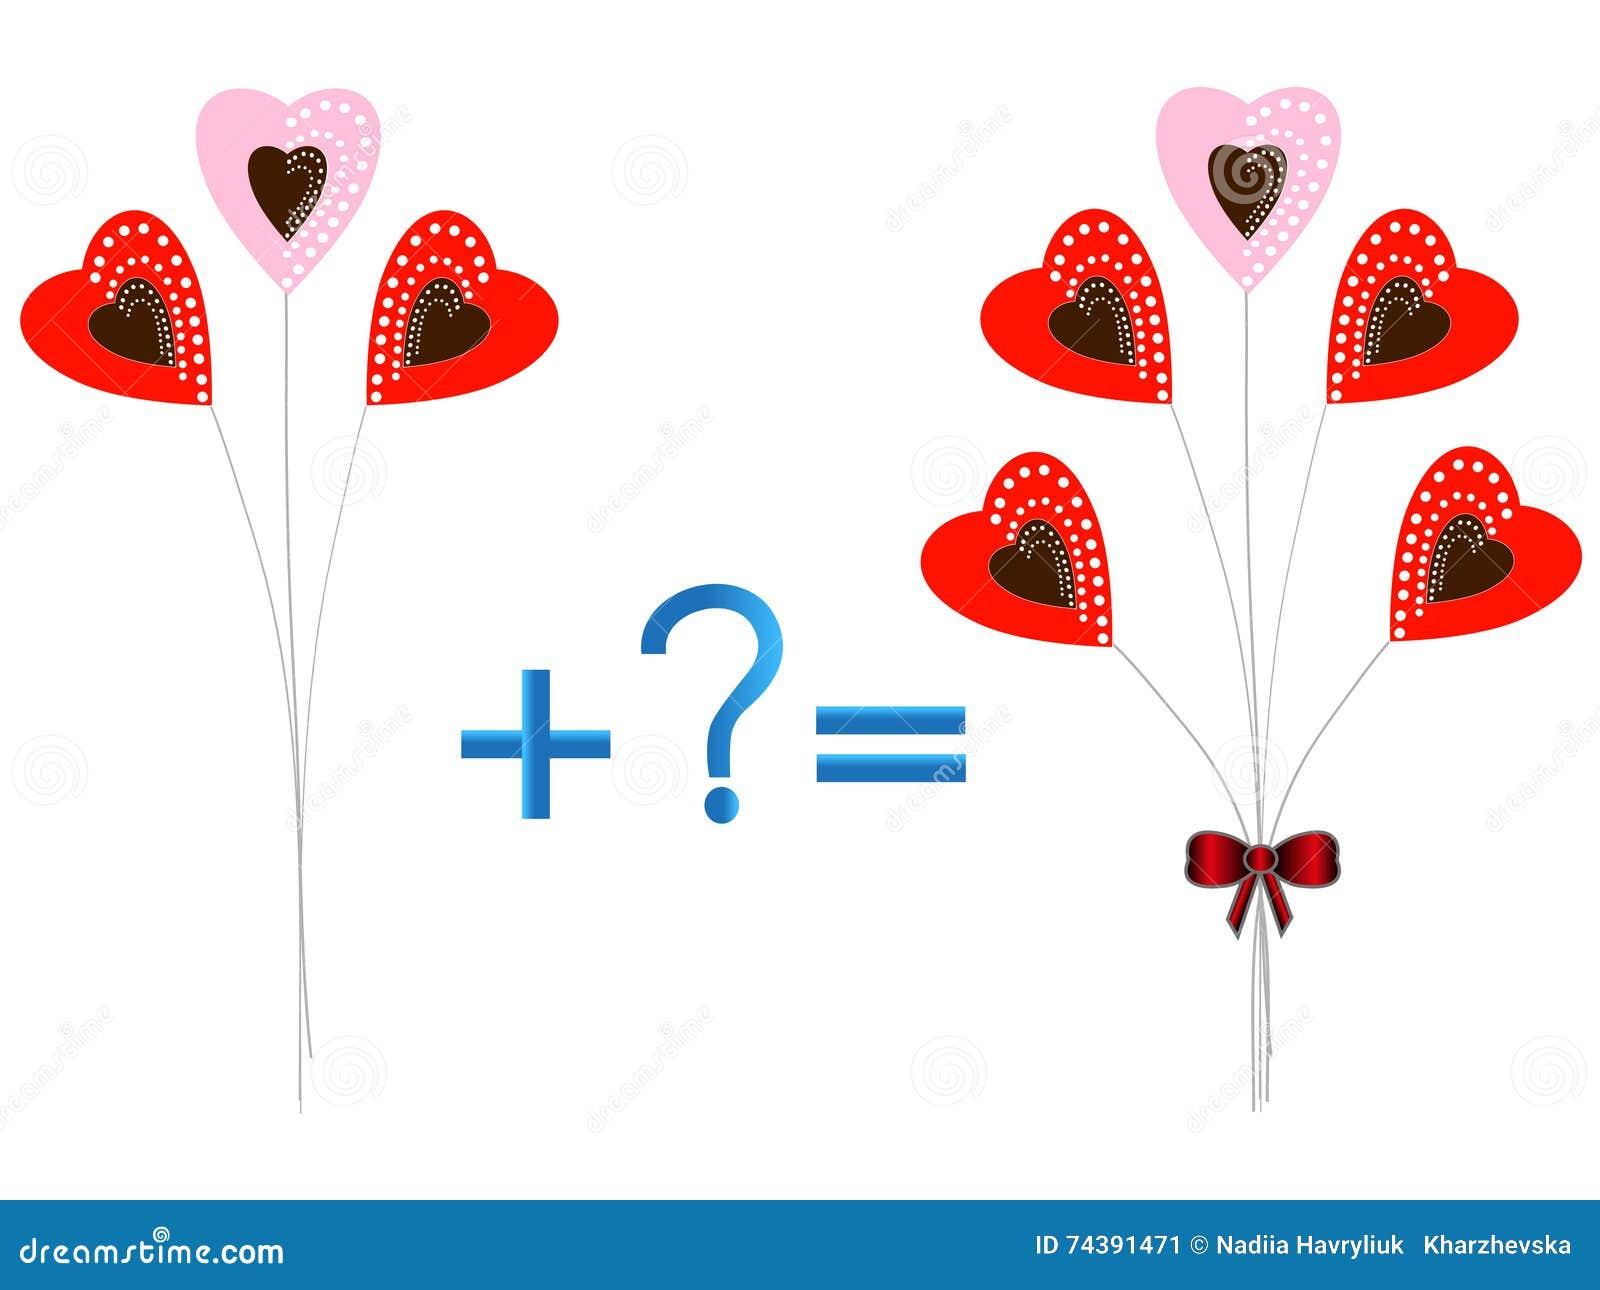 Lernspiel Für Kinder, Illustration Des Mathematischen Zusatzes ...